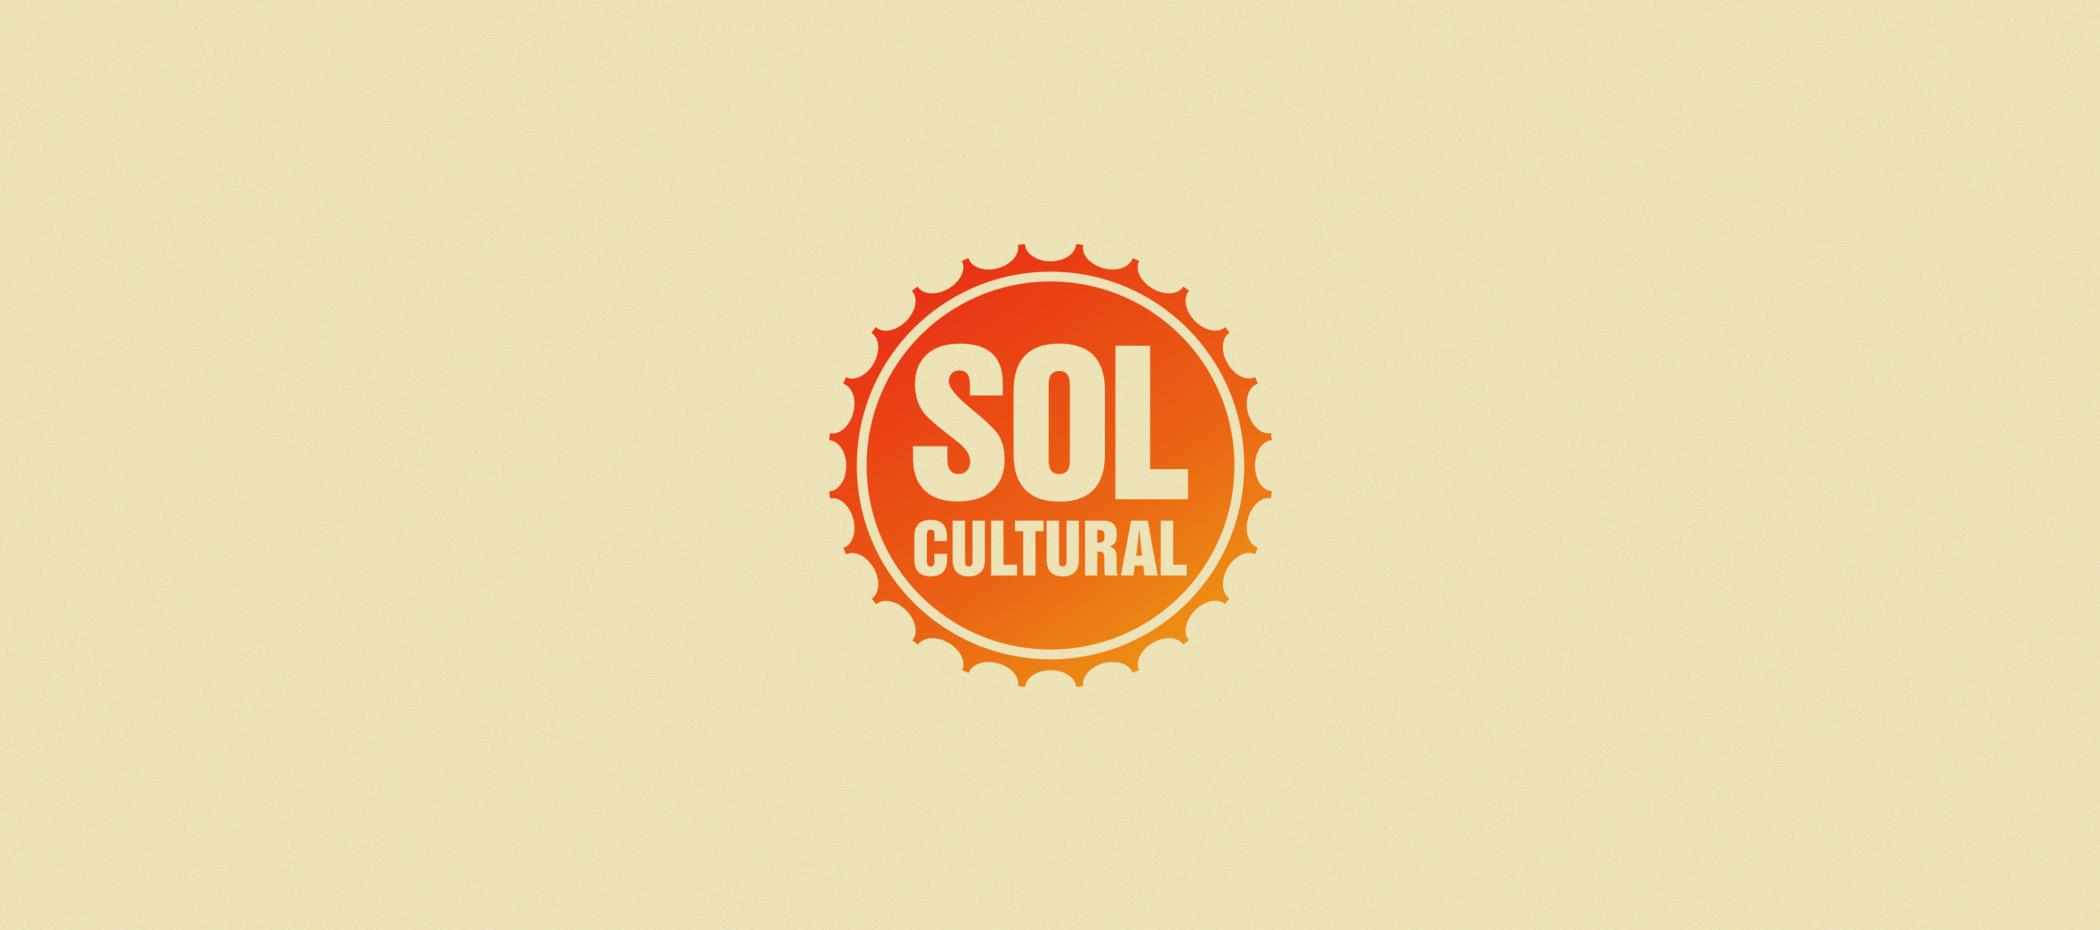 diseño logotipo - Beusual - diseño grafico santander - sol cultural